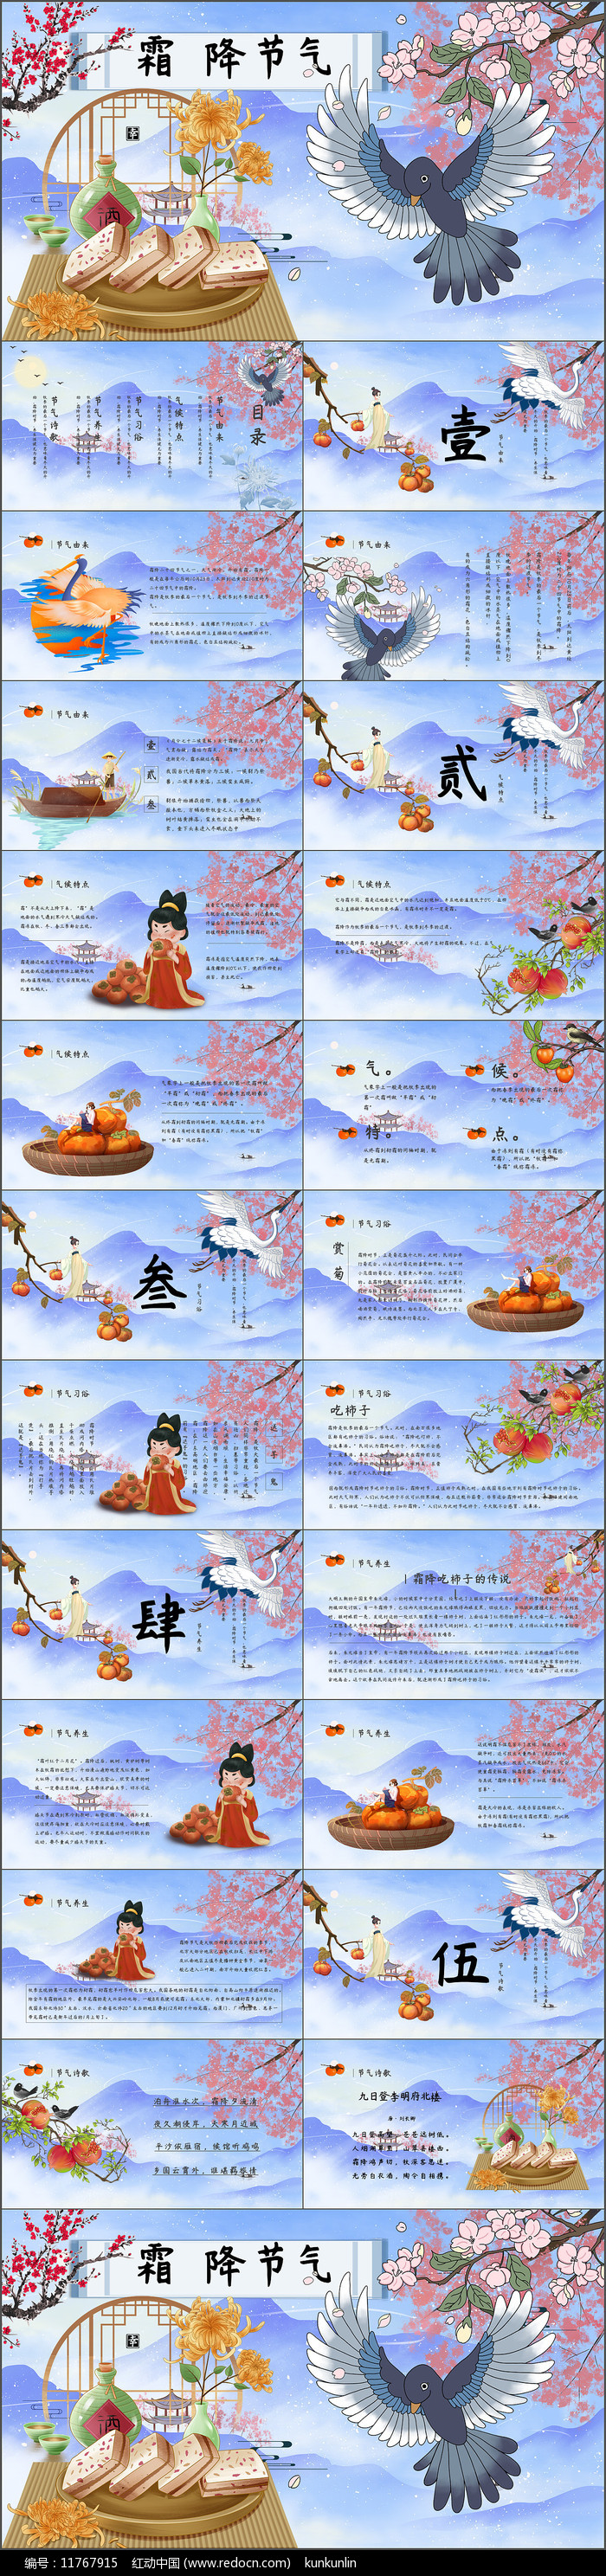 霜降中国风传统节气介绍PPT模板图片